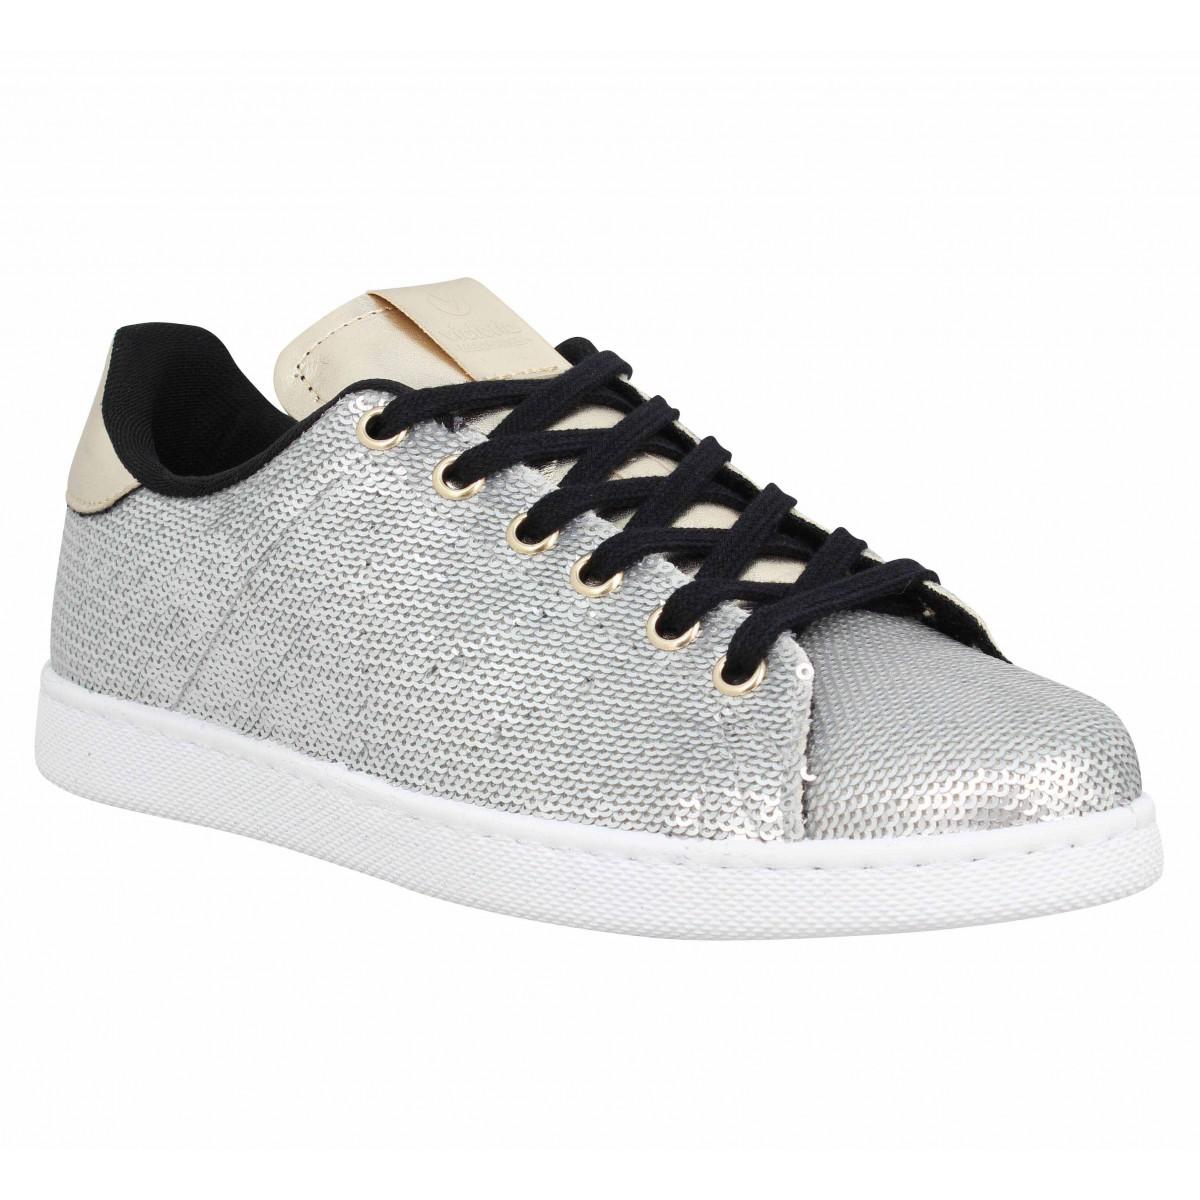 Argent Sequins Chaussures Victoria Fanny 12517 Femme q1PBwnxtO